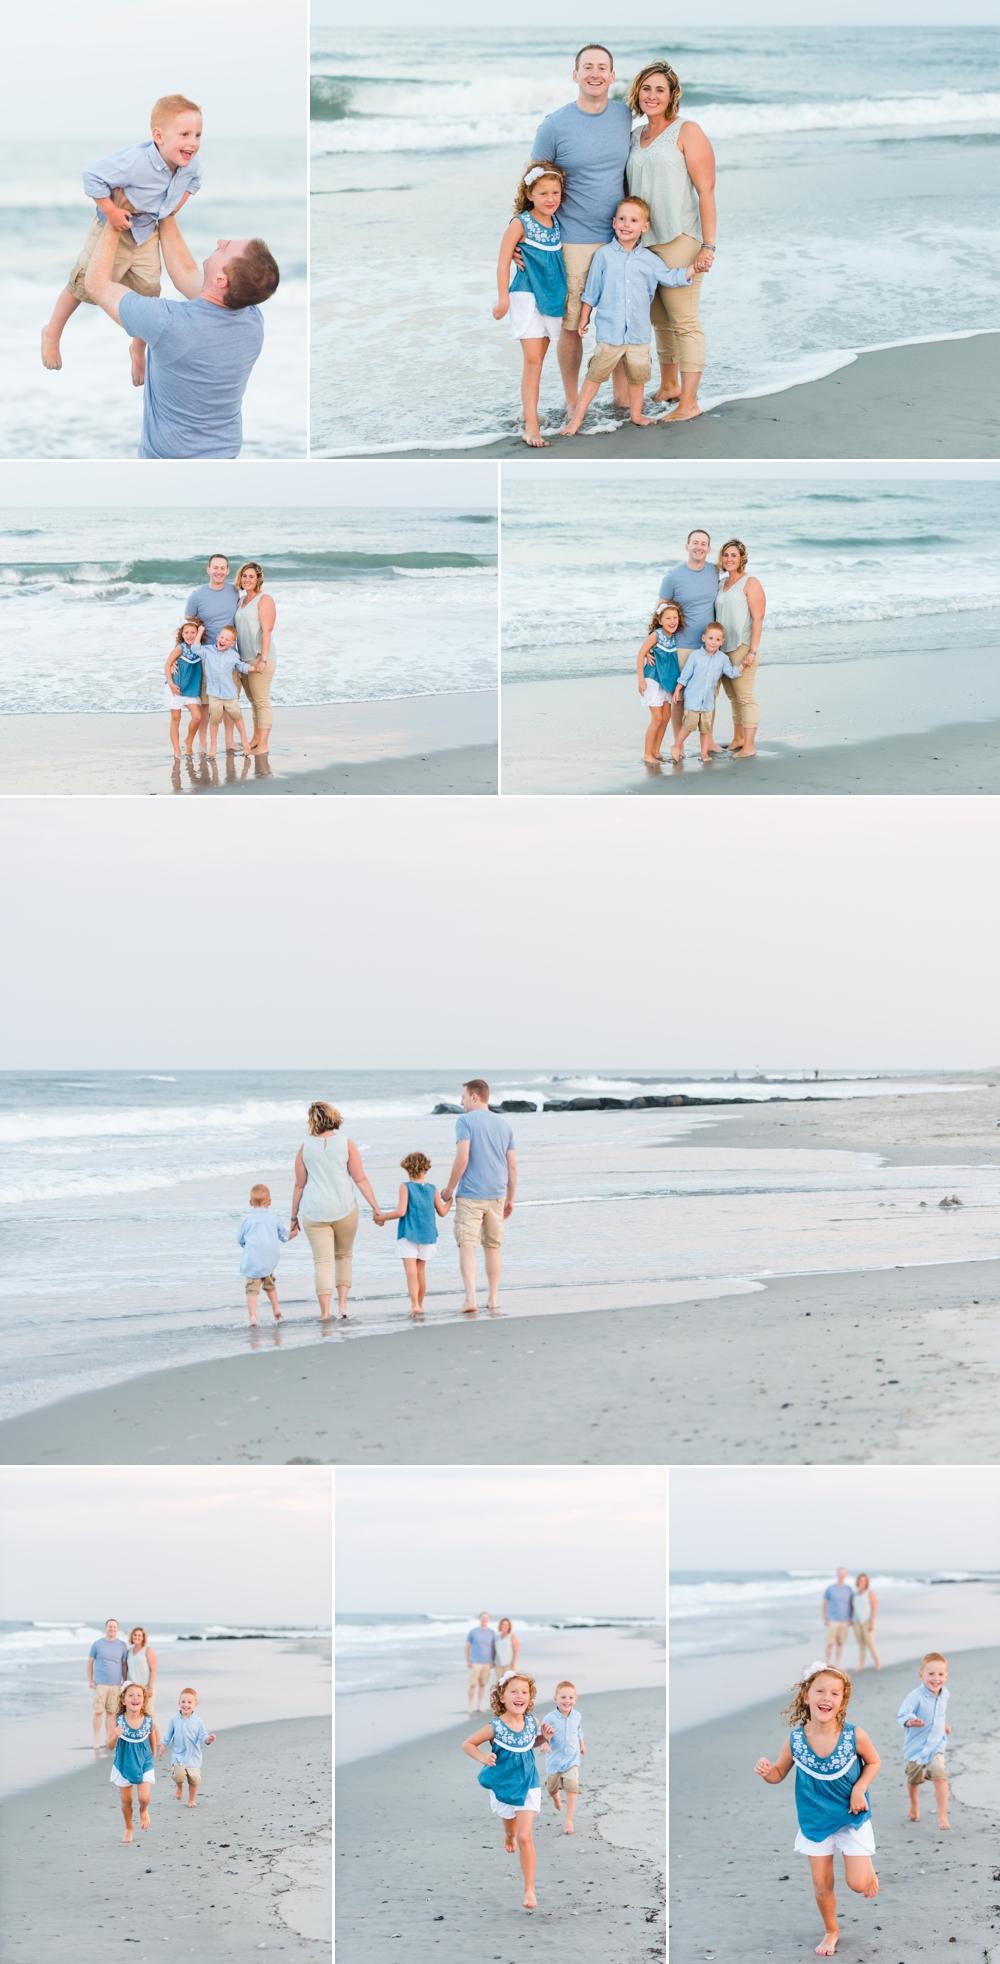 connoly beach 13.jpg